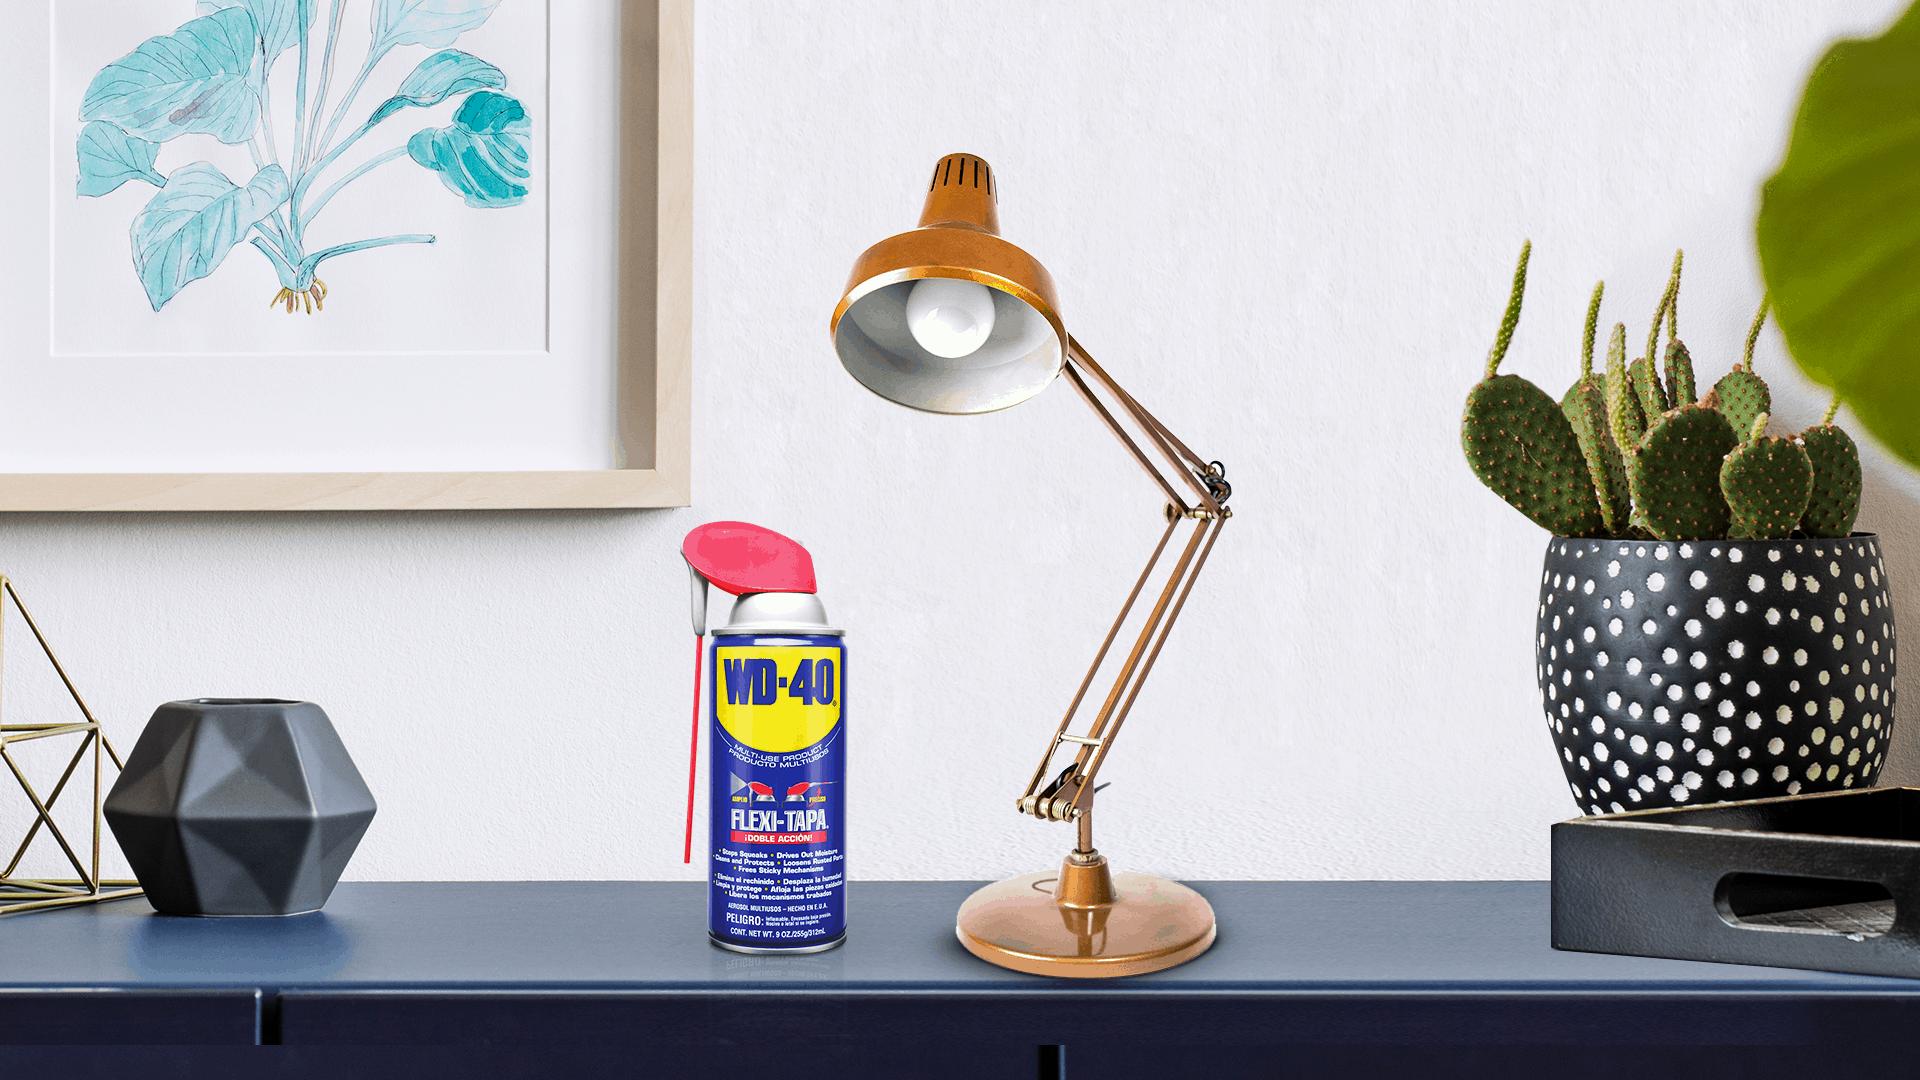 cómo limpiar y pulir lámpara de metal